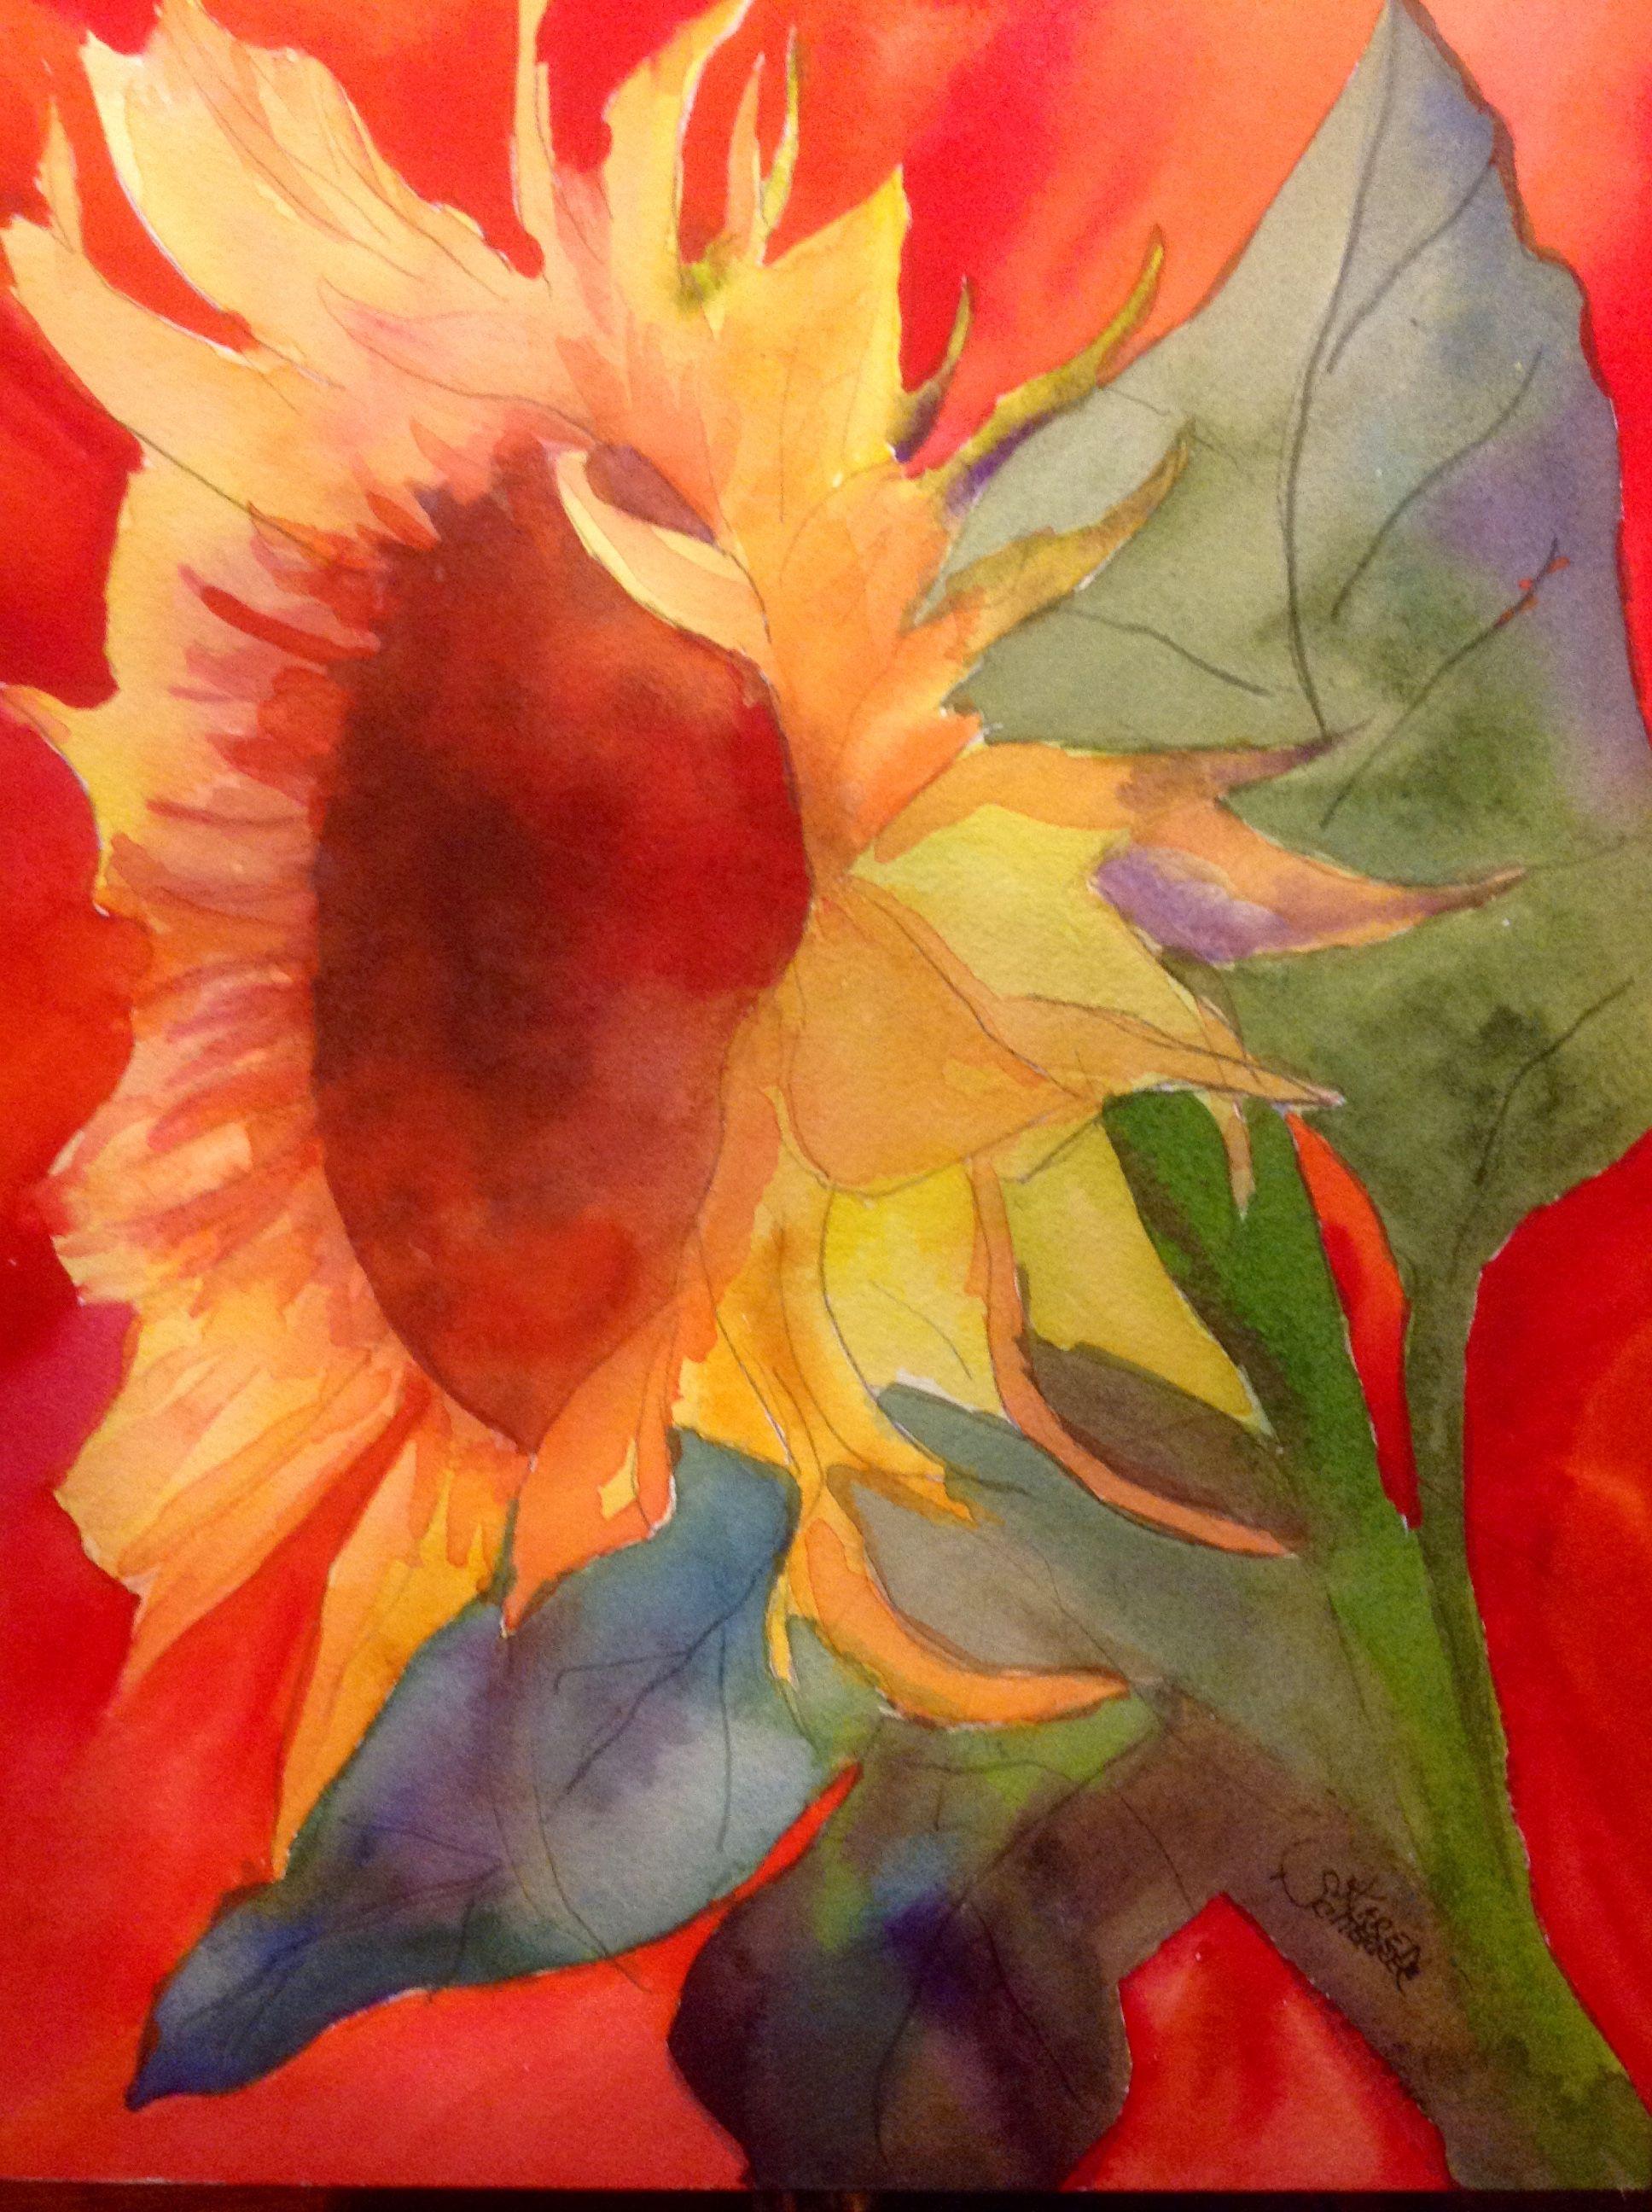 Watercolor artists in texas -  Hot Sunshine By Texas Watercolor Artist Karen Scherrer